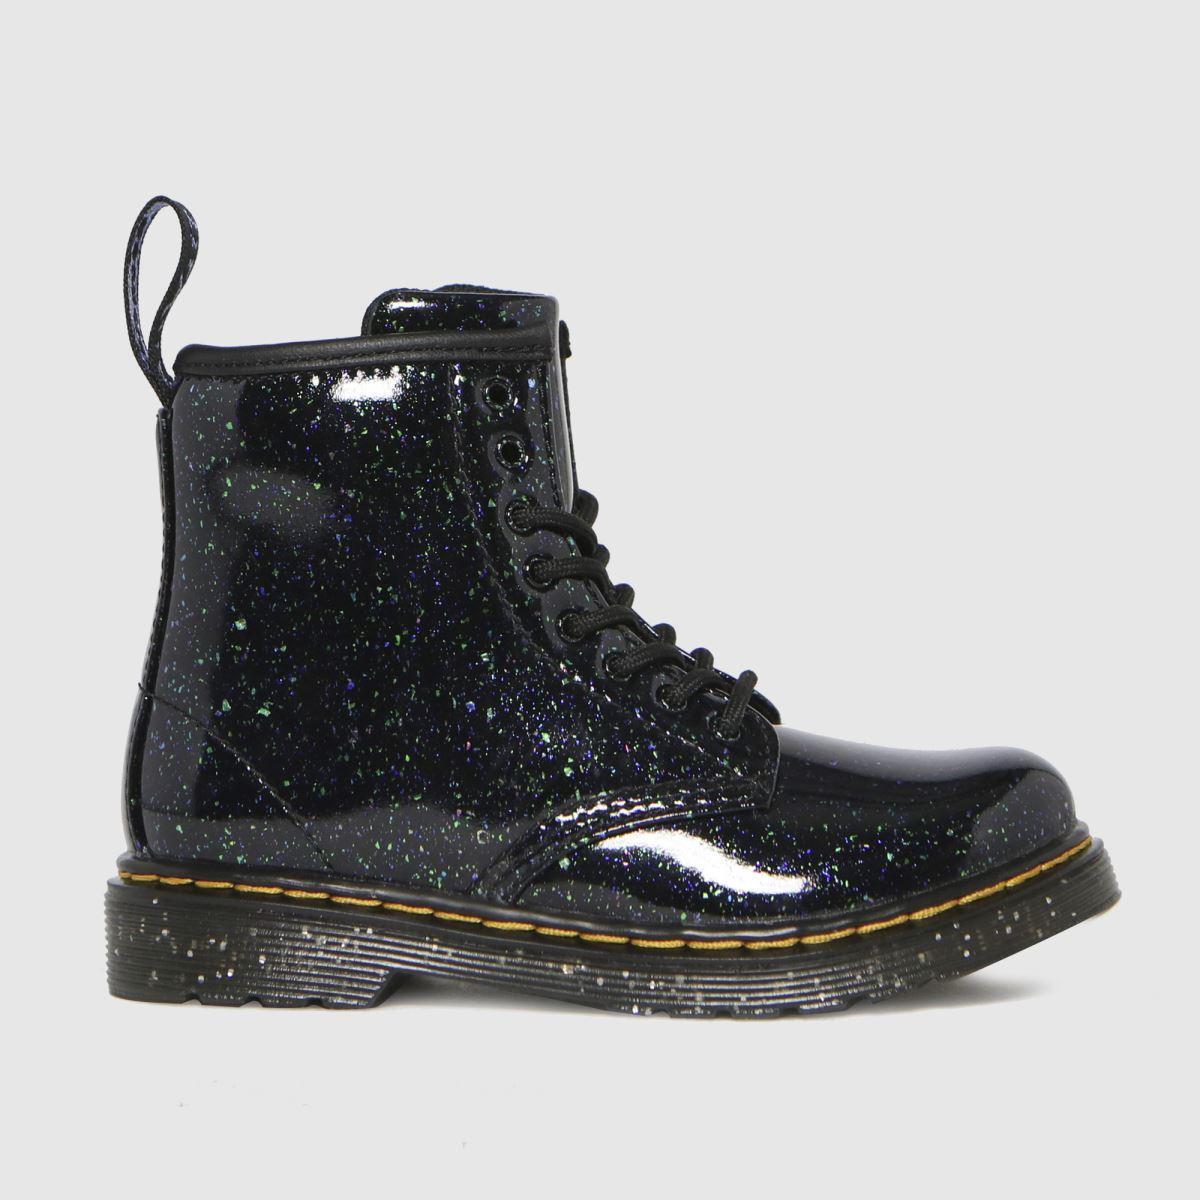 Dr Martens Dark Green 1460 Glitter Boots Toddler